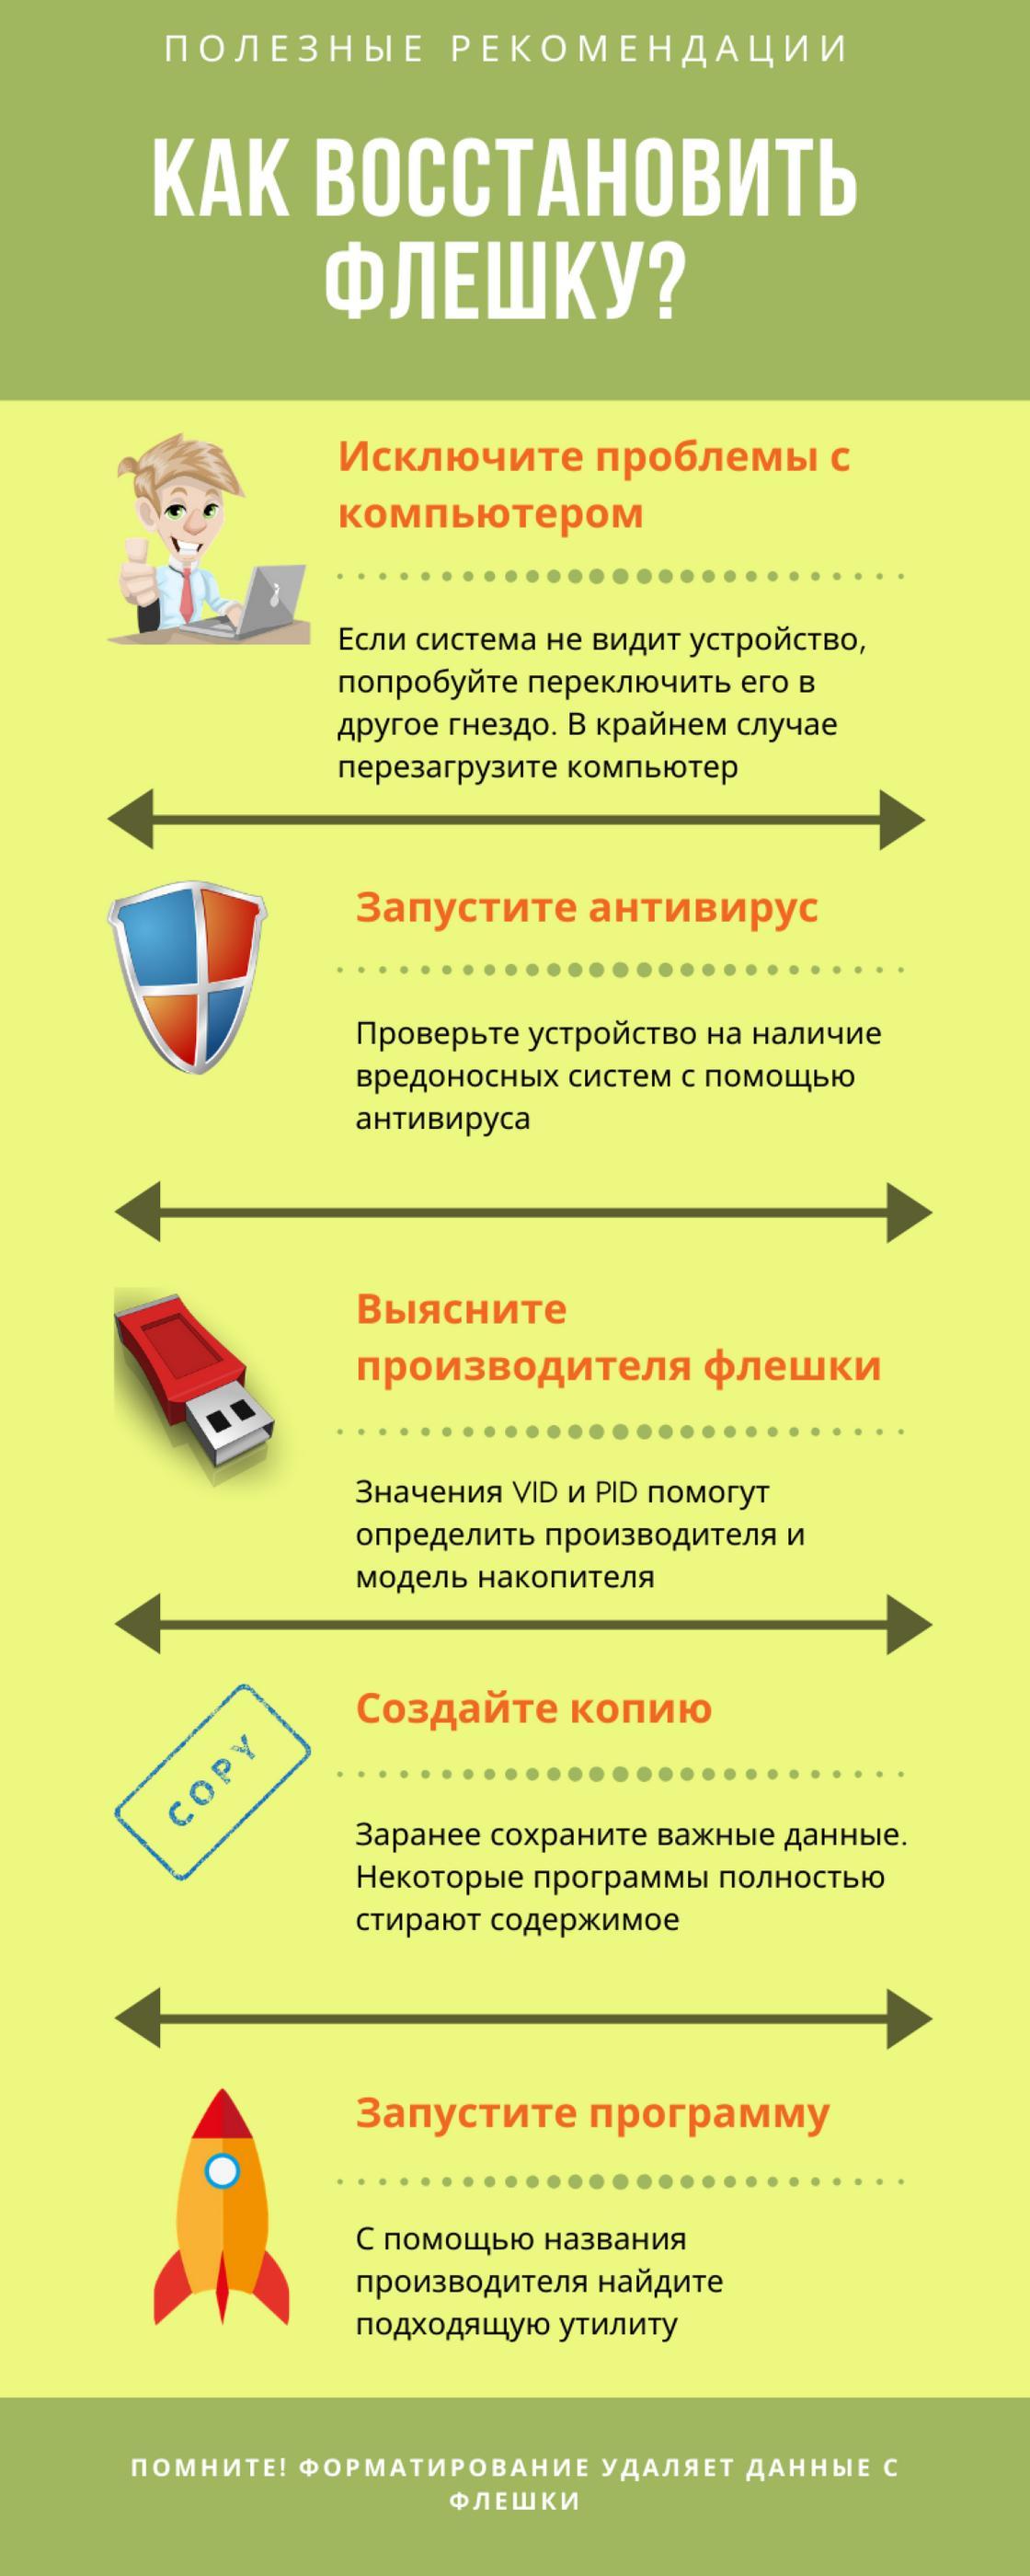 Как восстановить флешку: инструкции и советы